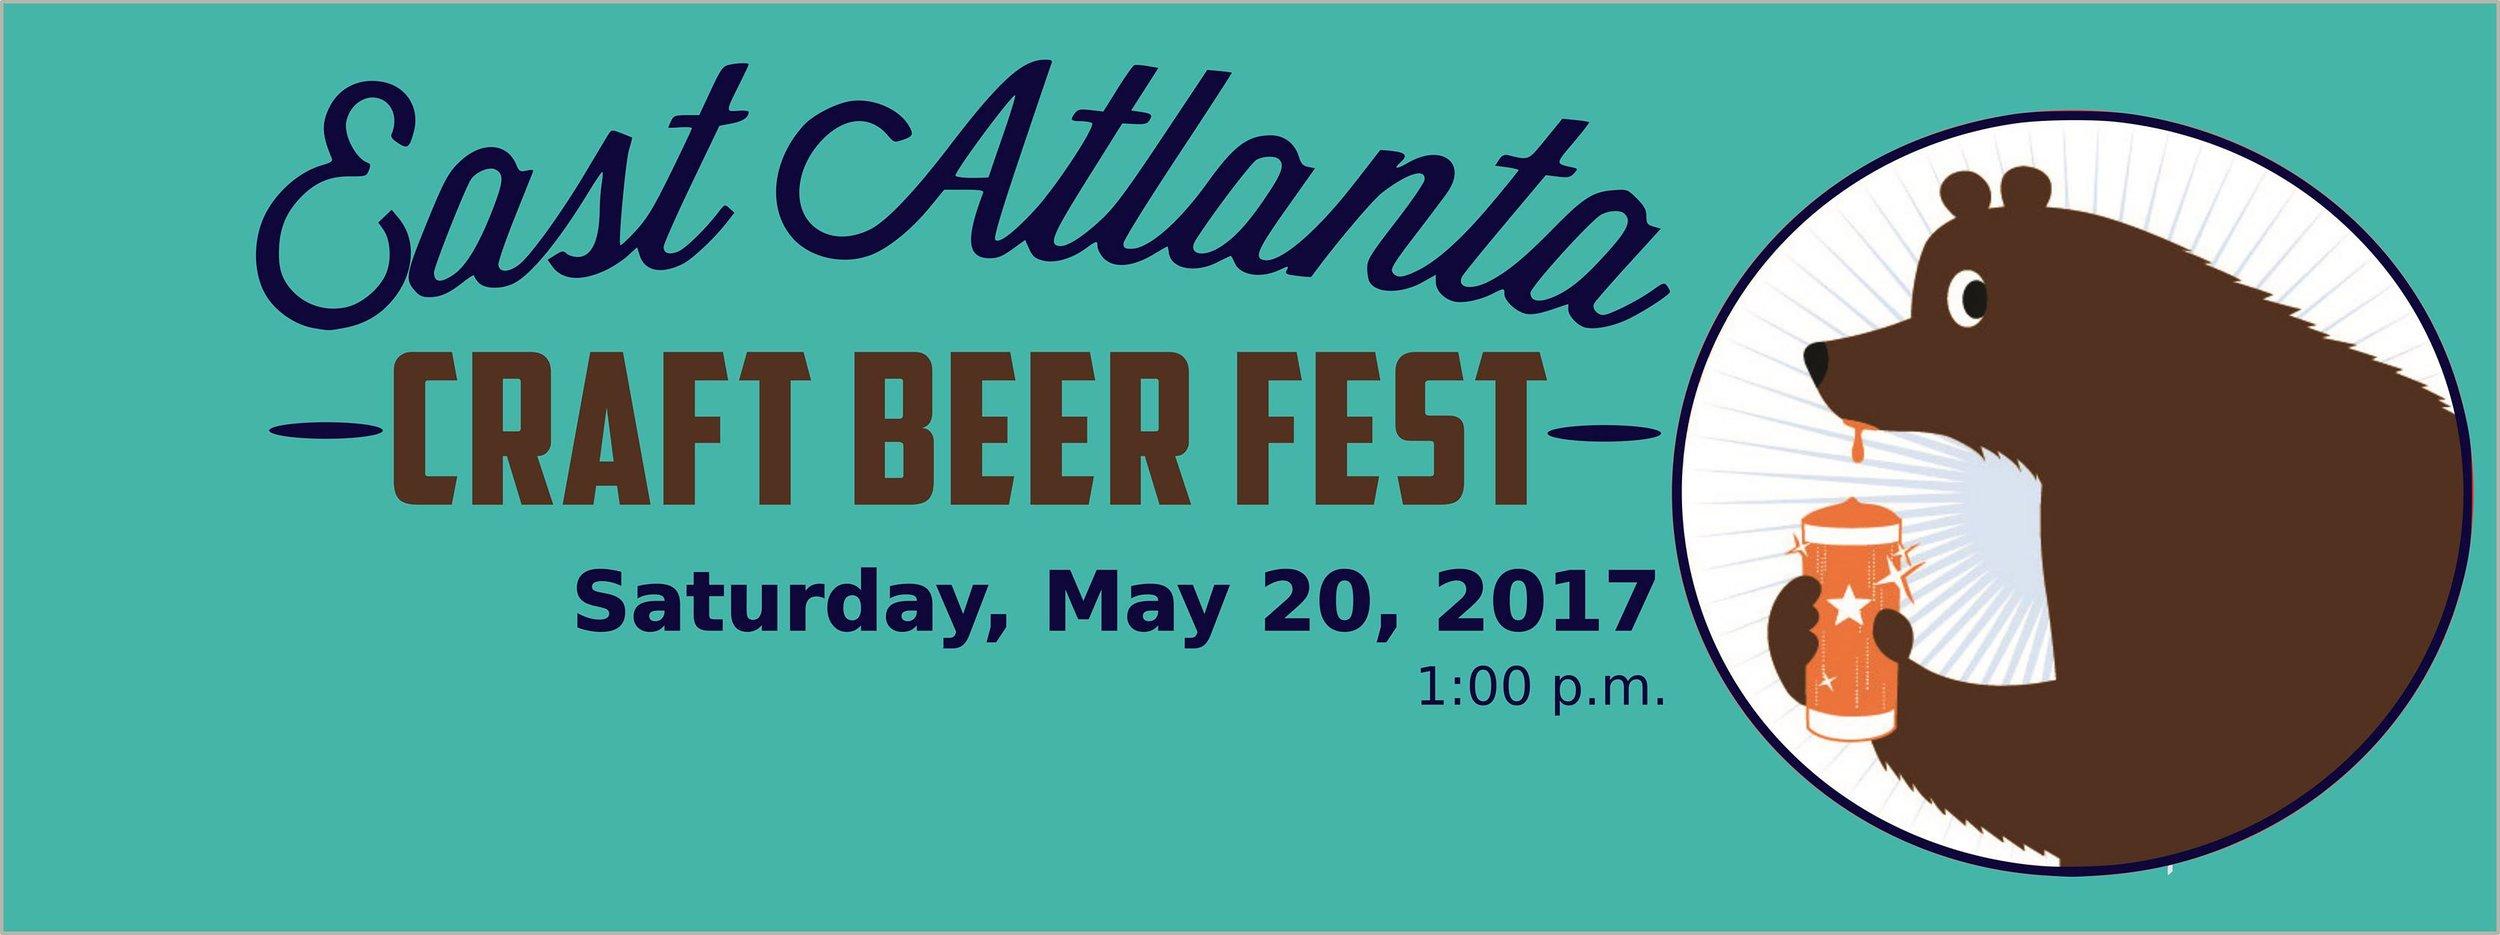 East Atlanta Craft Beer Fest, Beer Bear, EACA